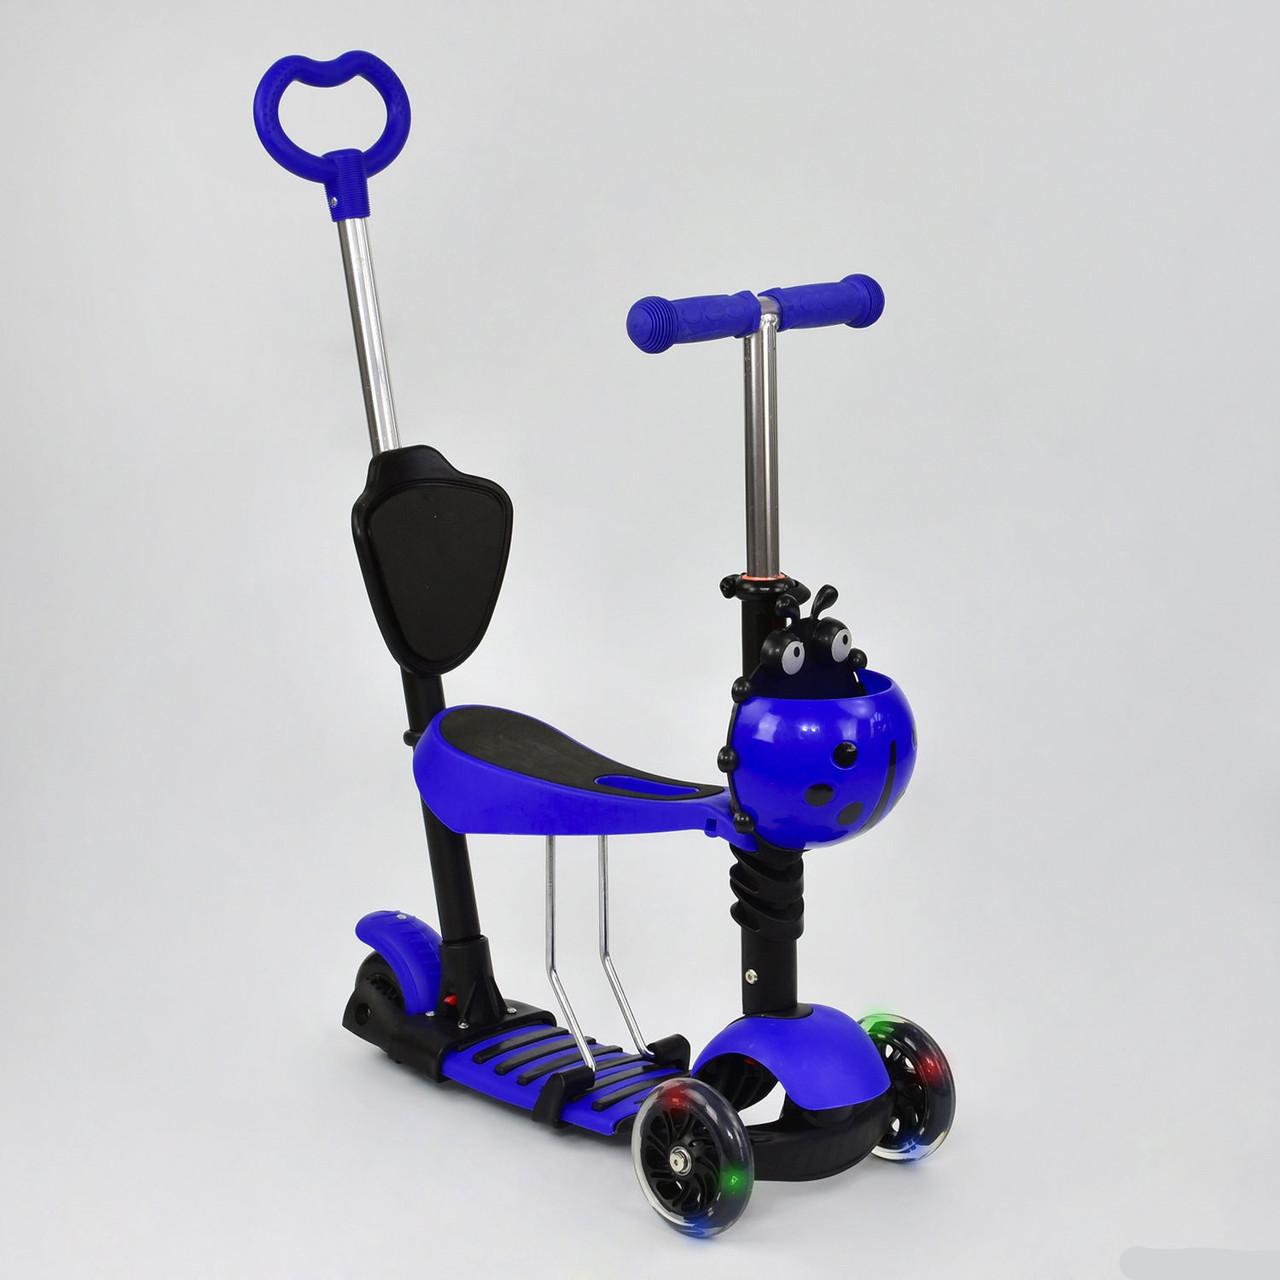 Самокат А 24676 - 3030 Best Scooter 5 в 1  цвет СИНИЙ, колеса PU светящиеся